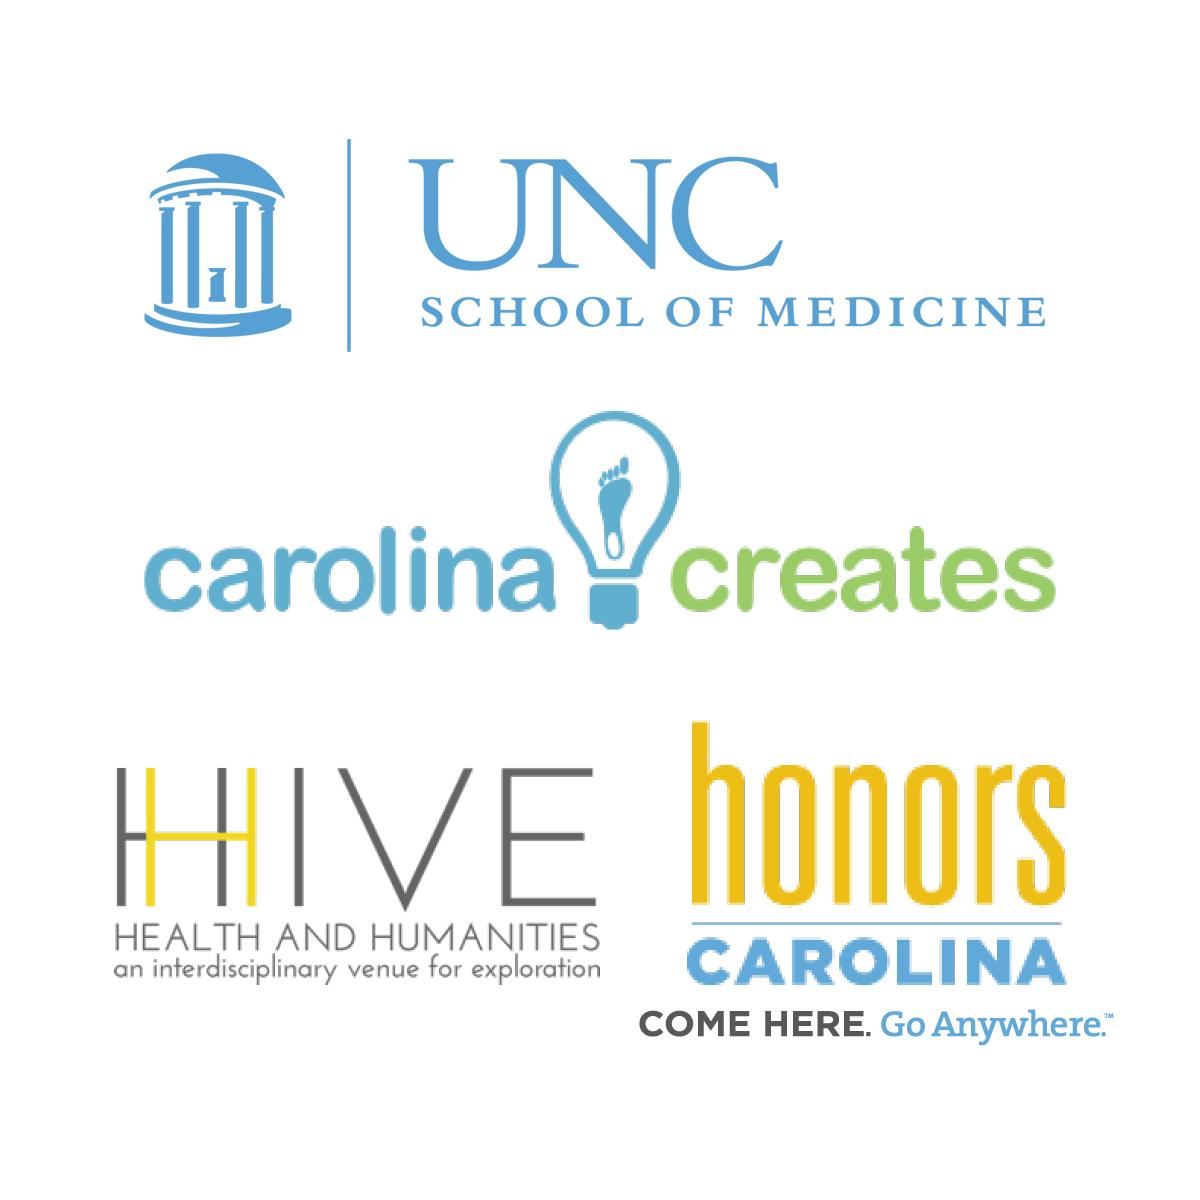 hhj-sponsors-2017